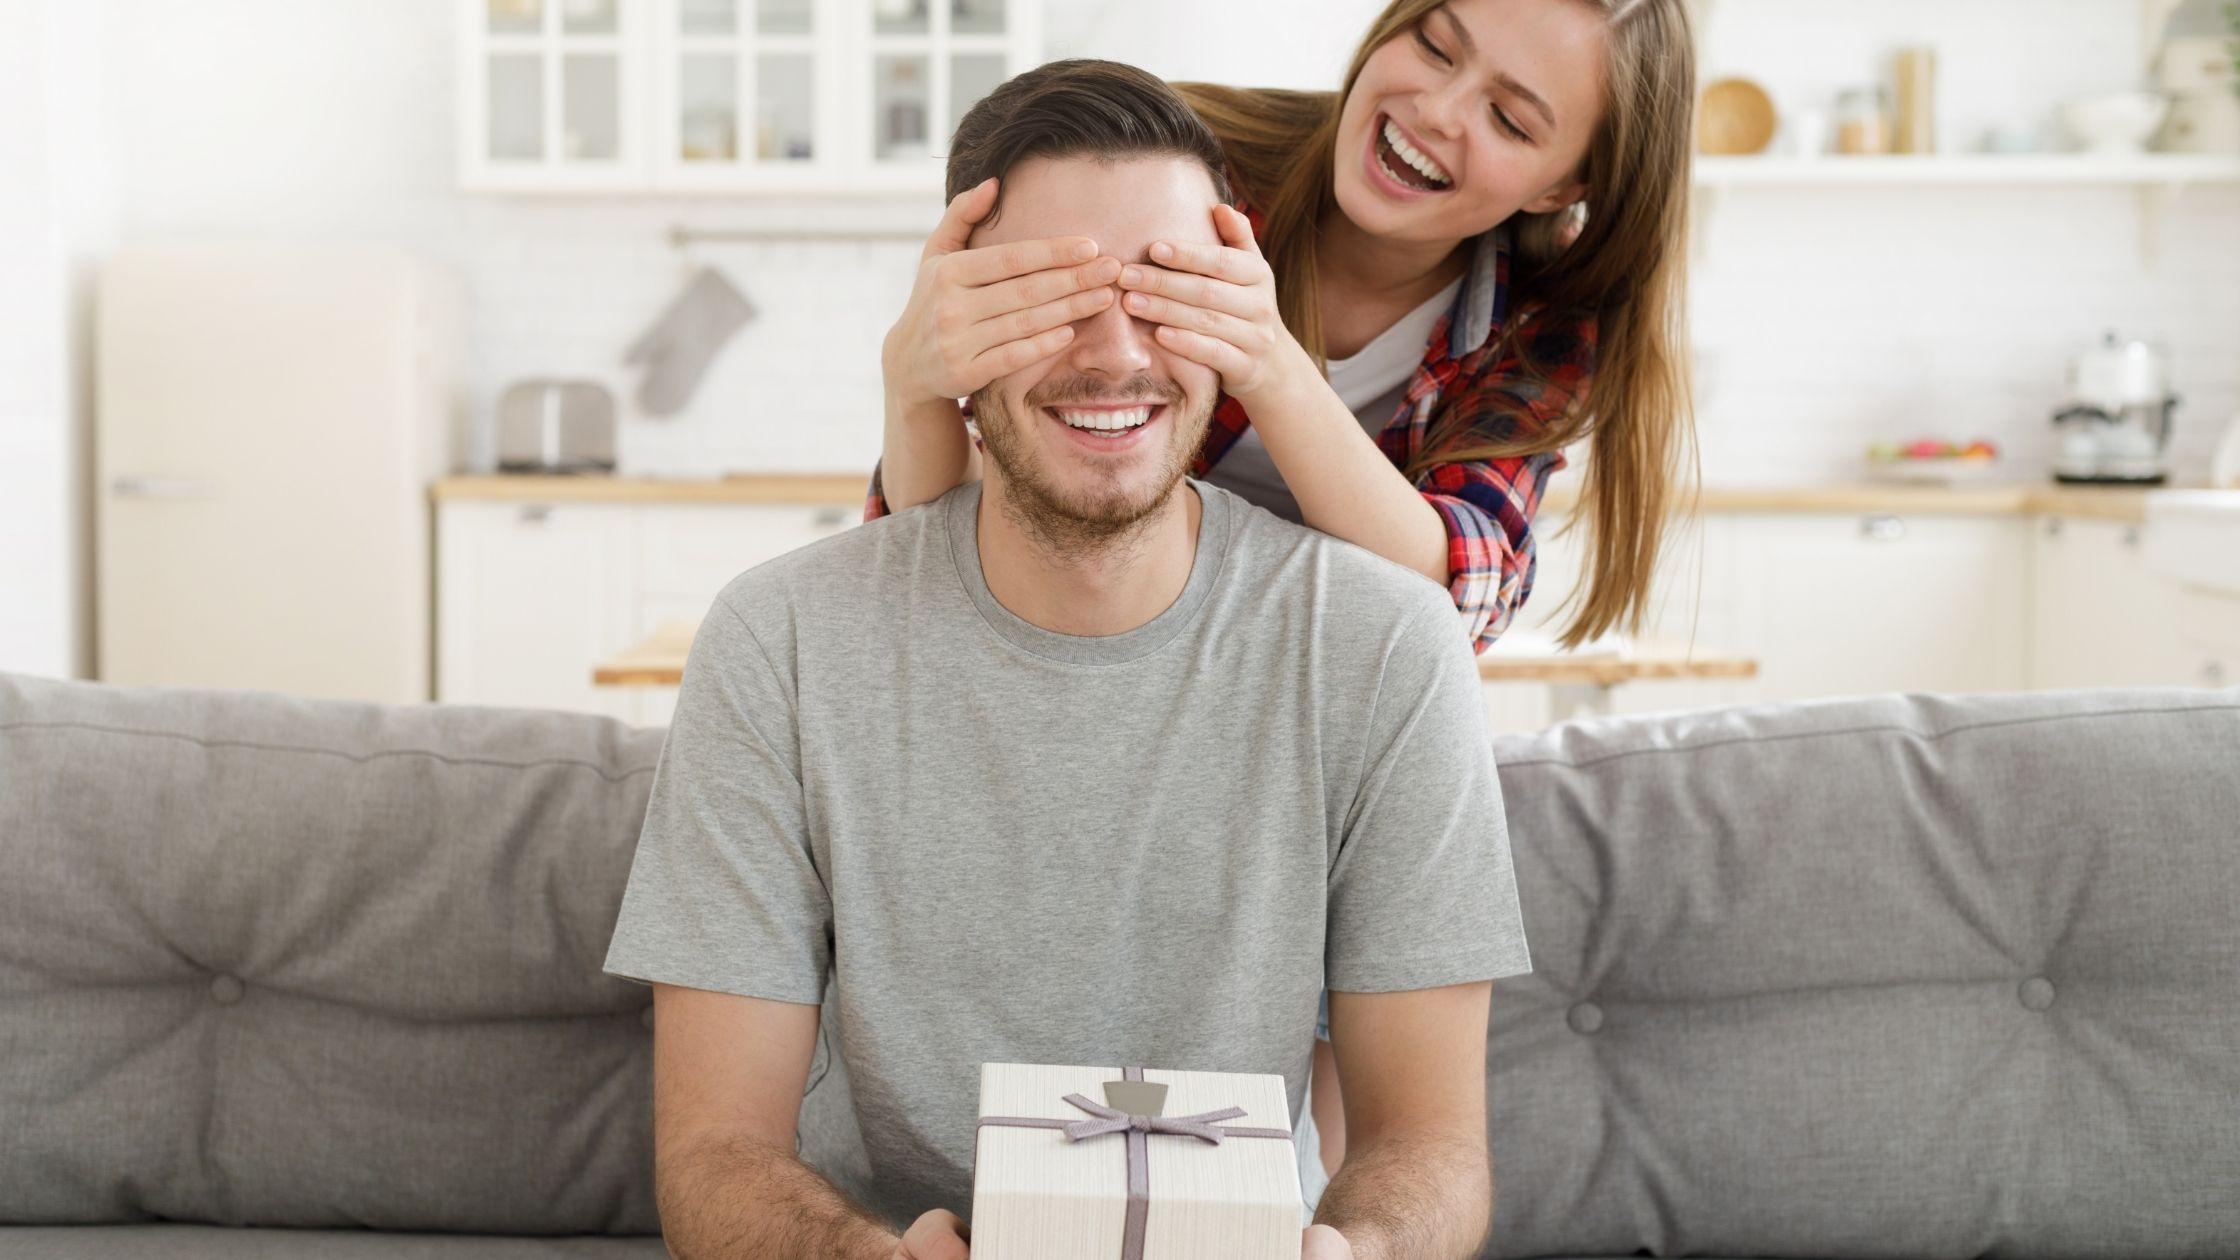 Cadouri pentru iubit 2020 - 4 trucuri si idei care functioneaza de fiecare data